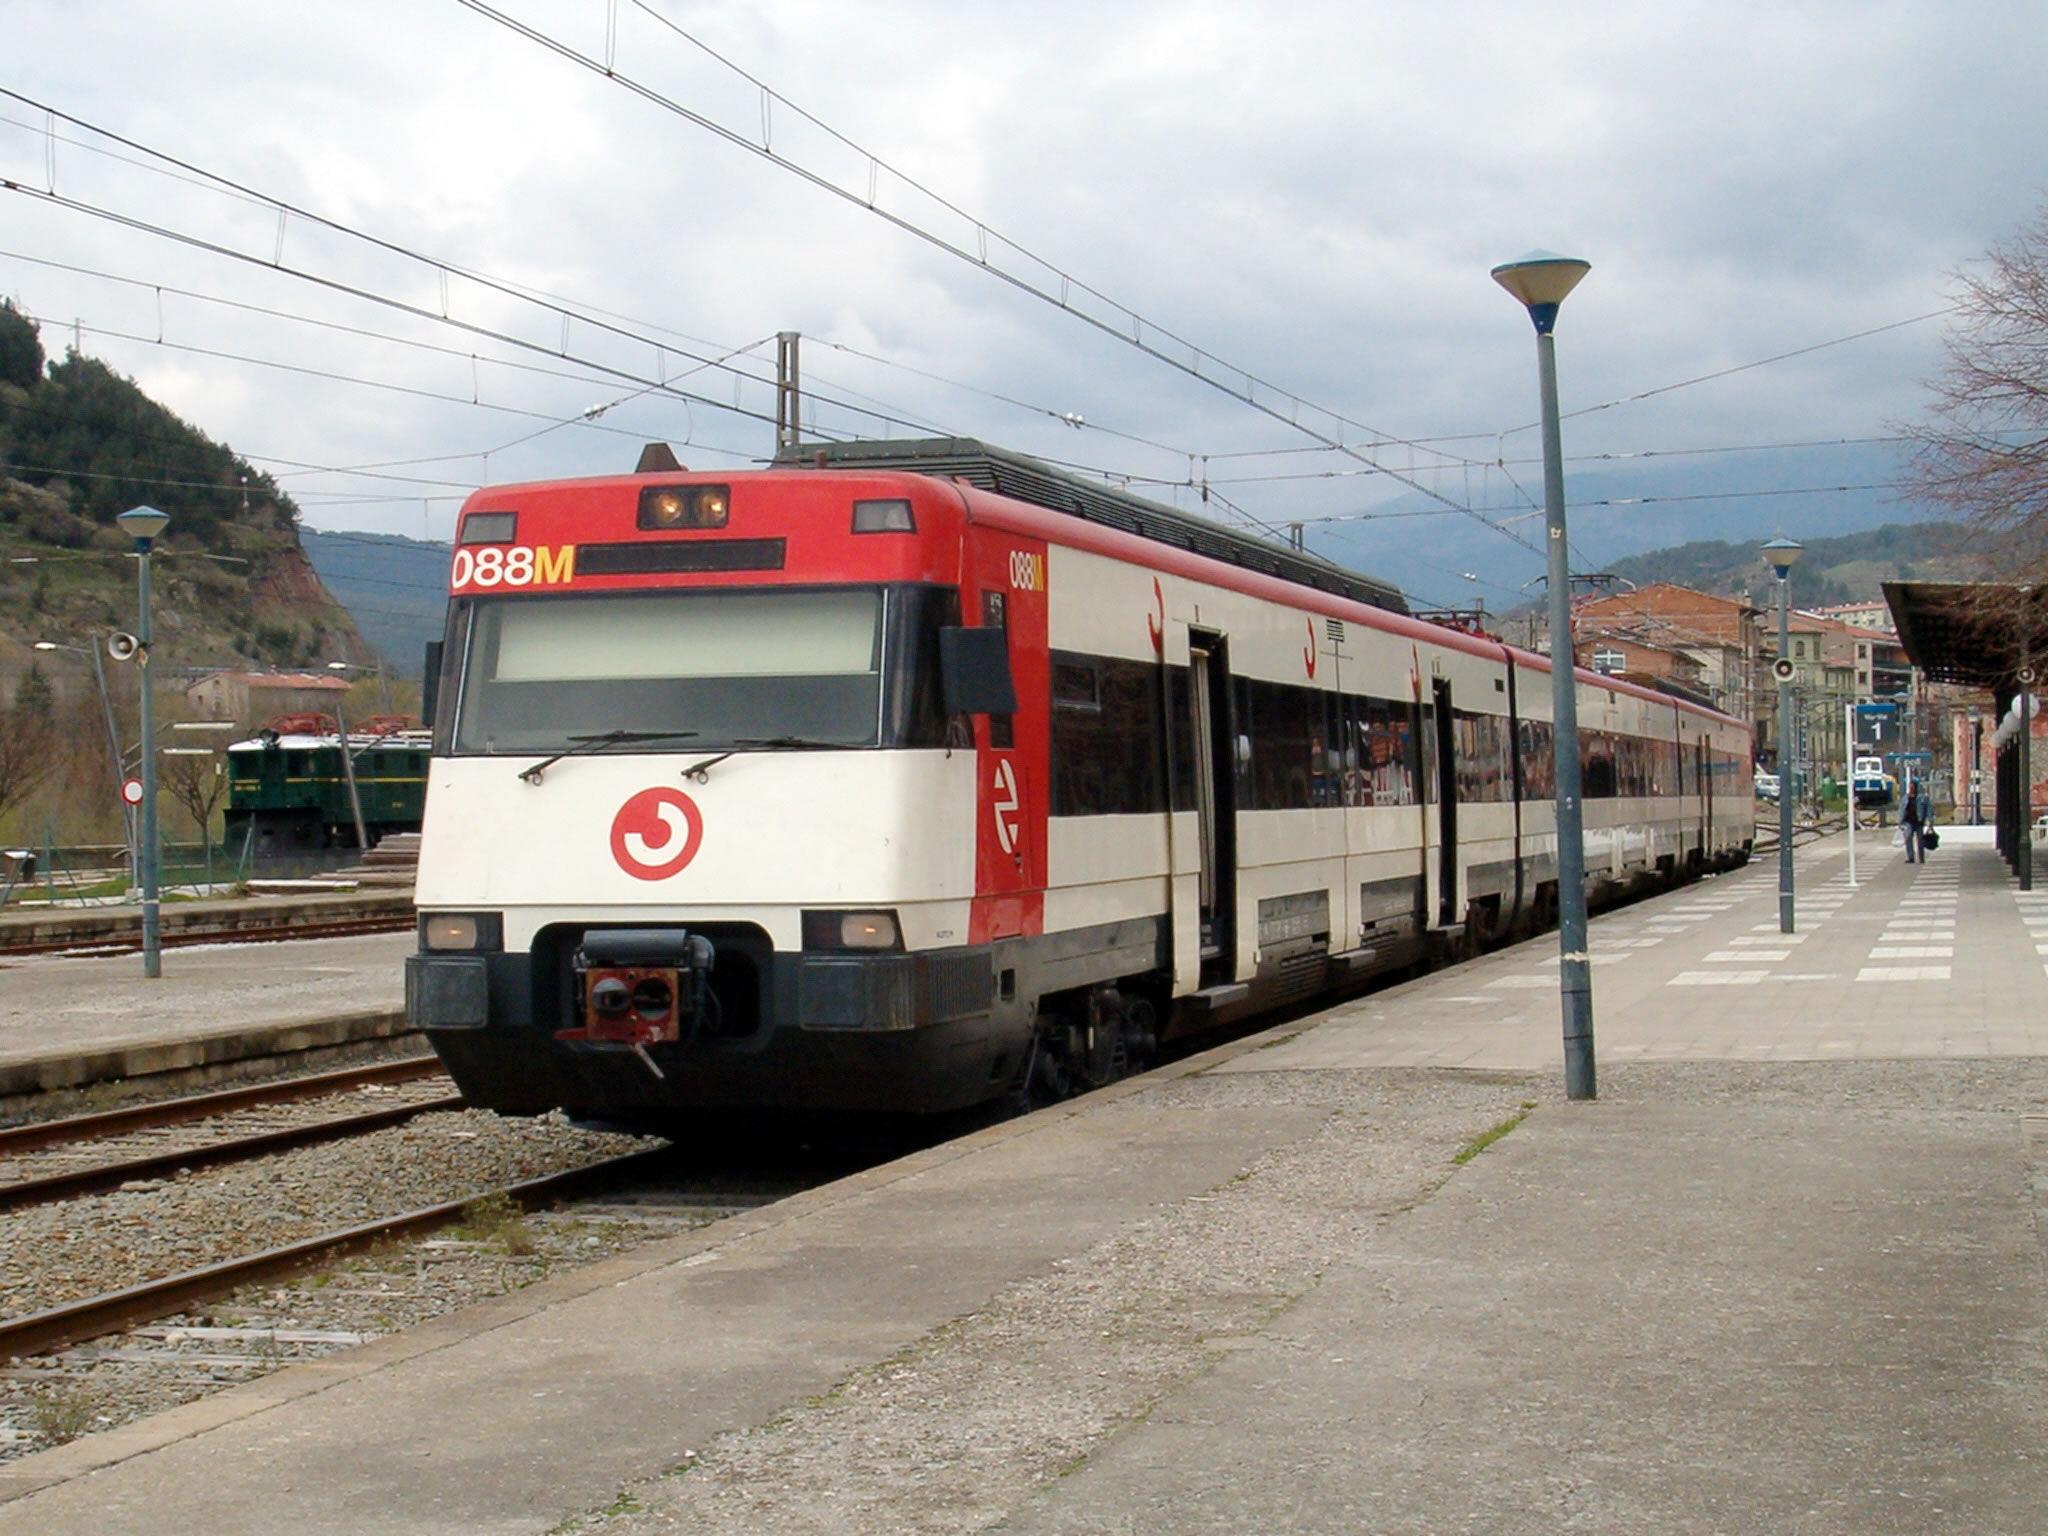 Un colega tuyo te pide 3 euros para tomar el tren ¿qué le respondes?